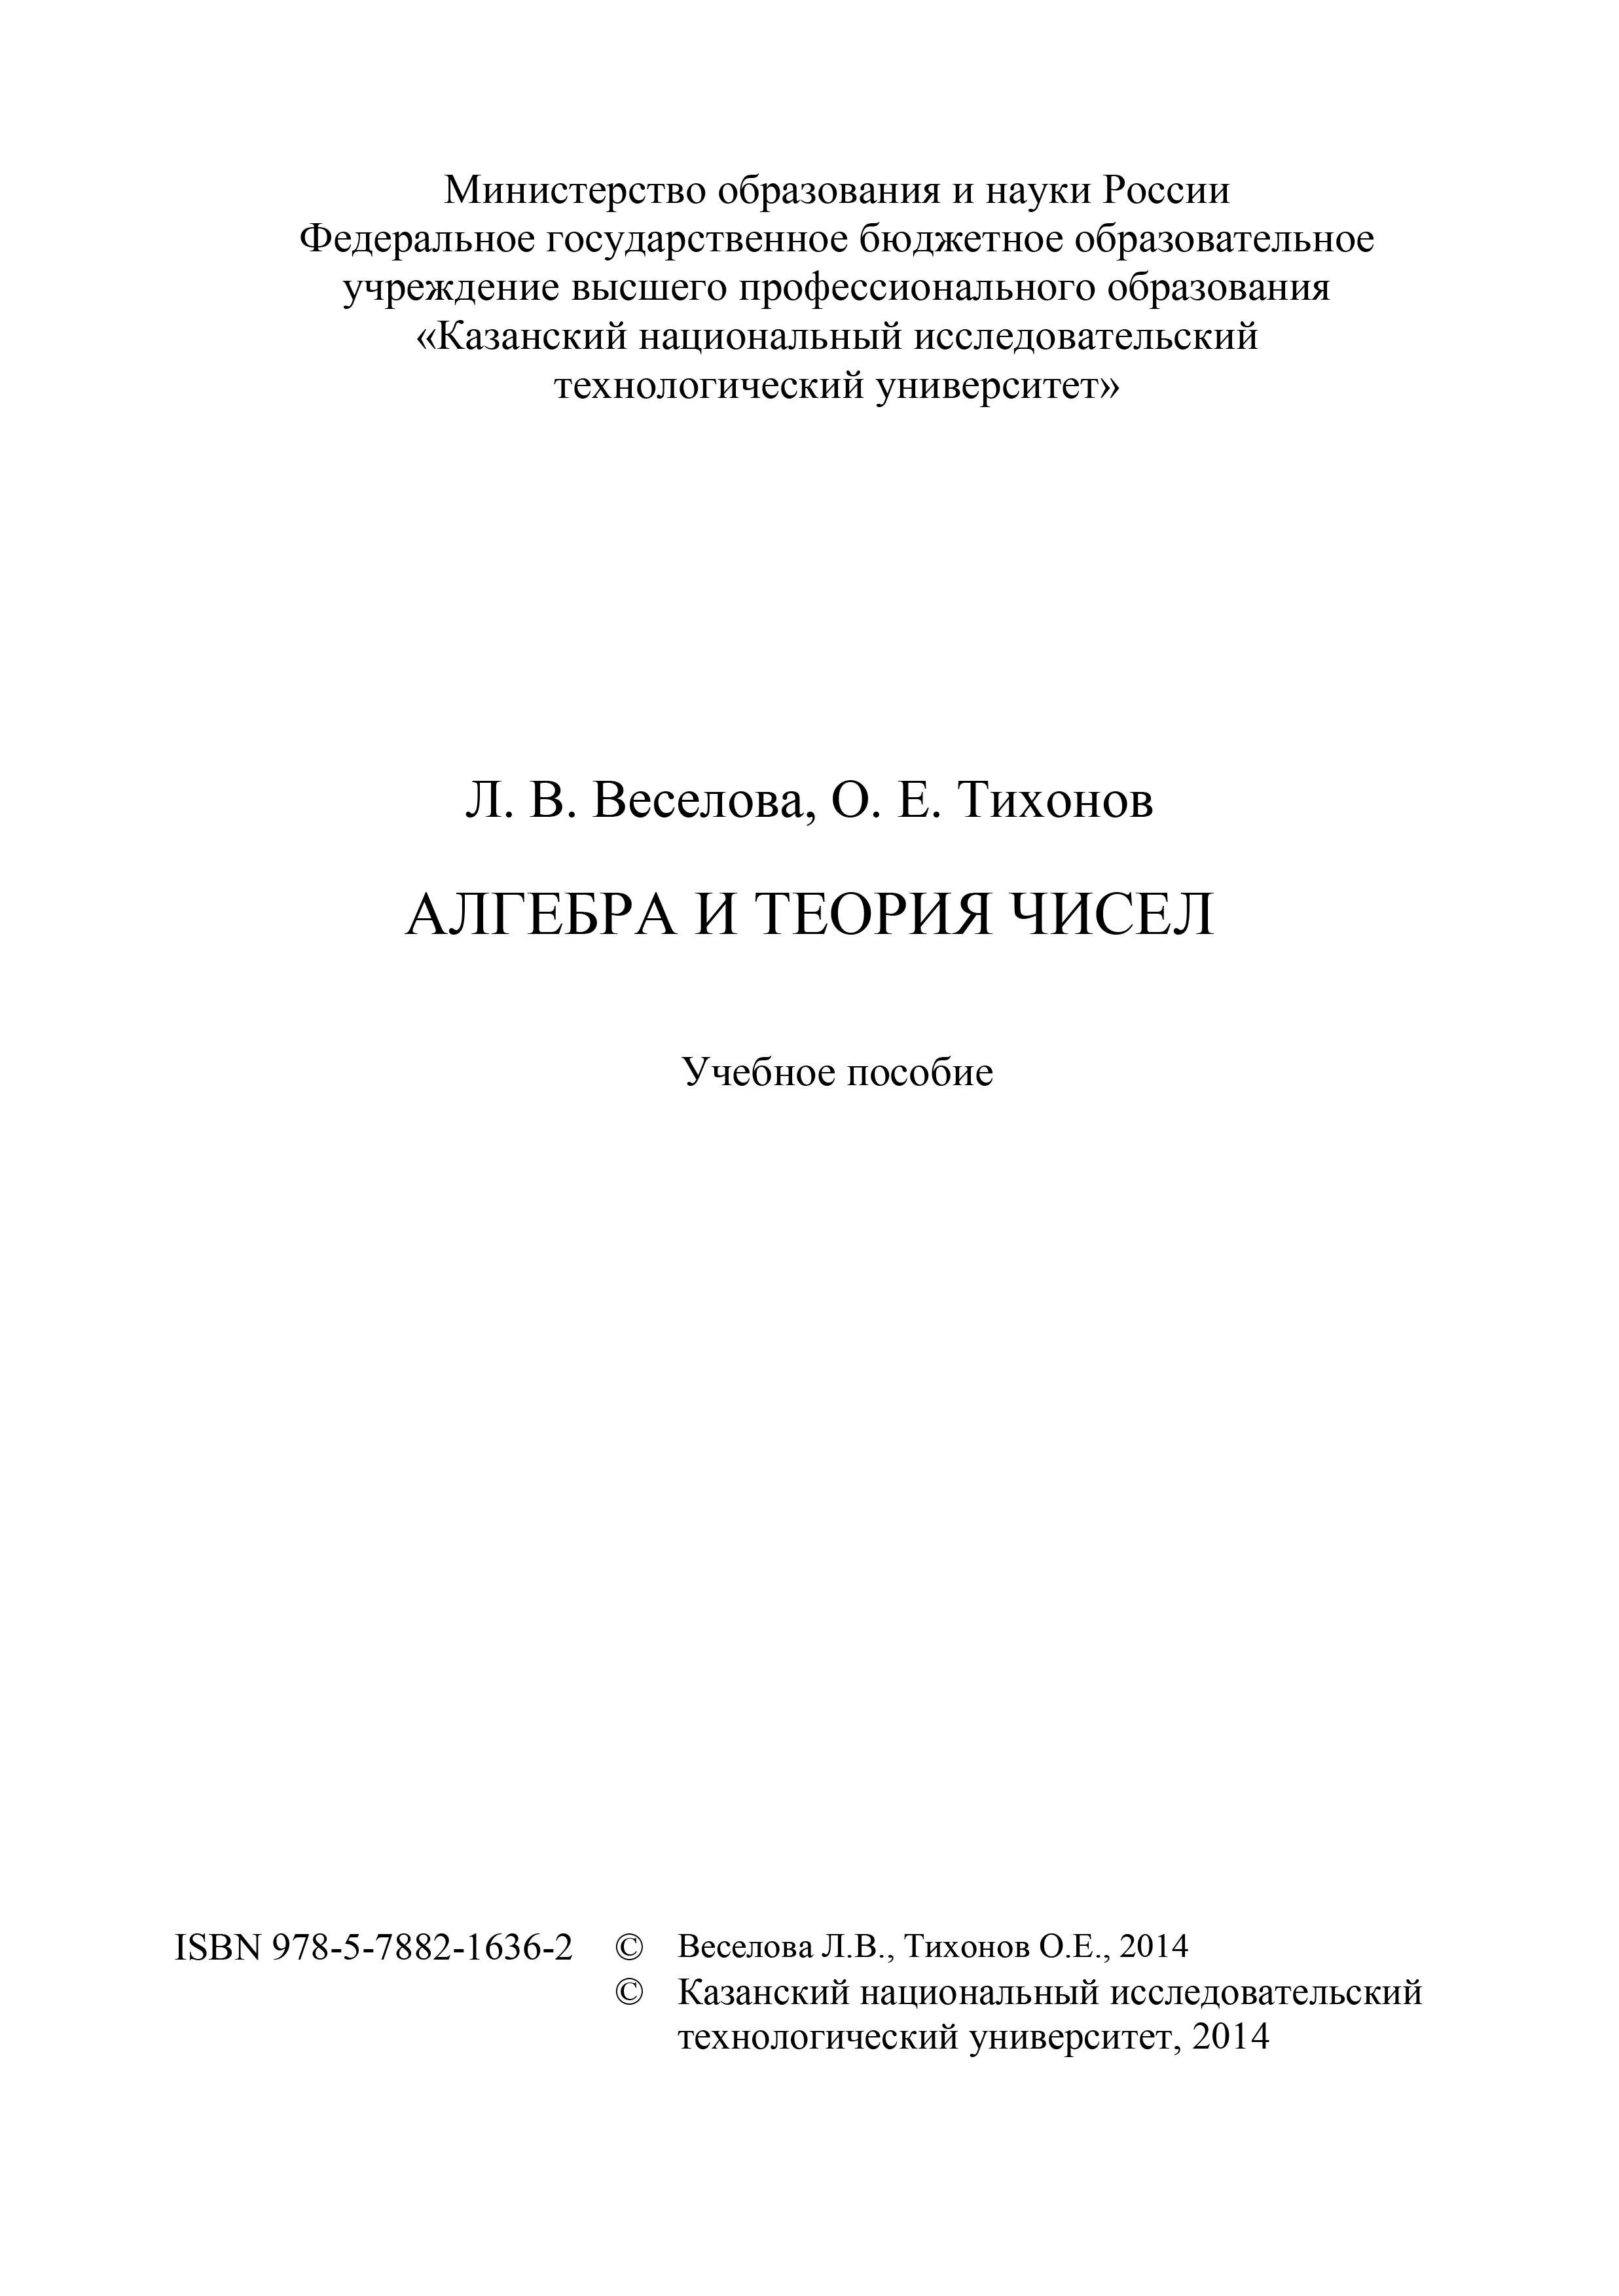 Л. Веселова Алгебра и теория чисел иван матвеевич виноградов основы теории чисел